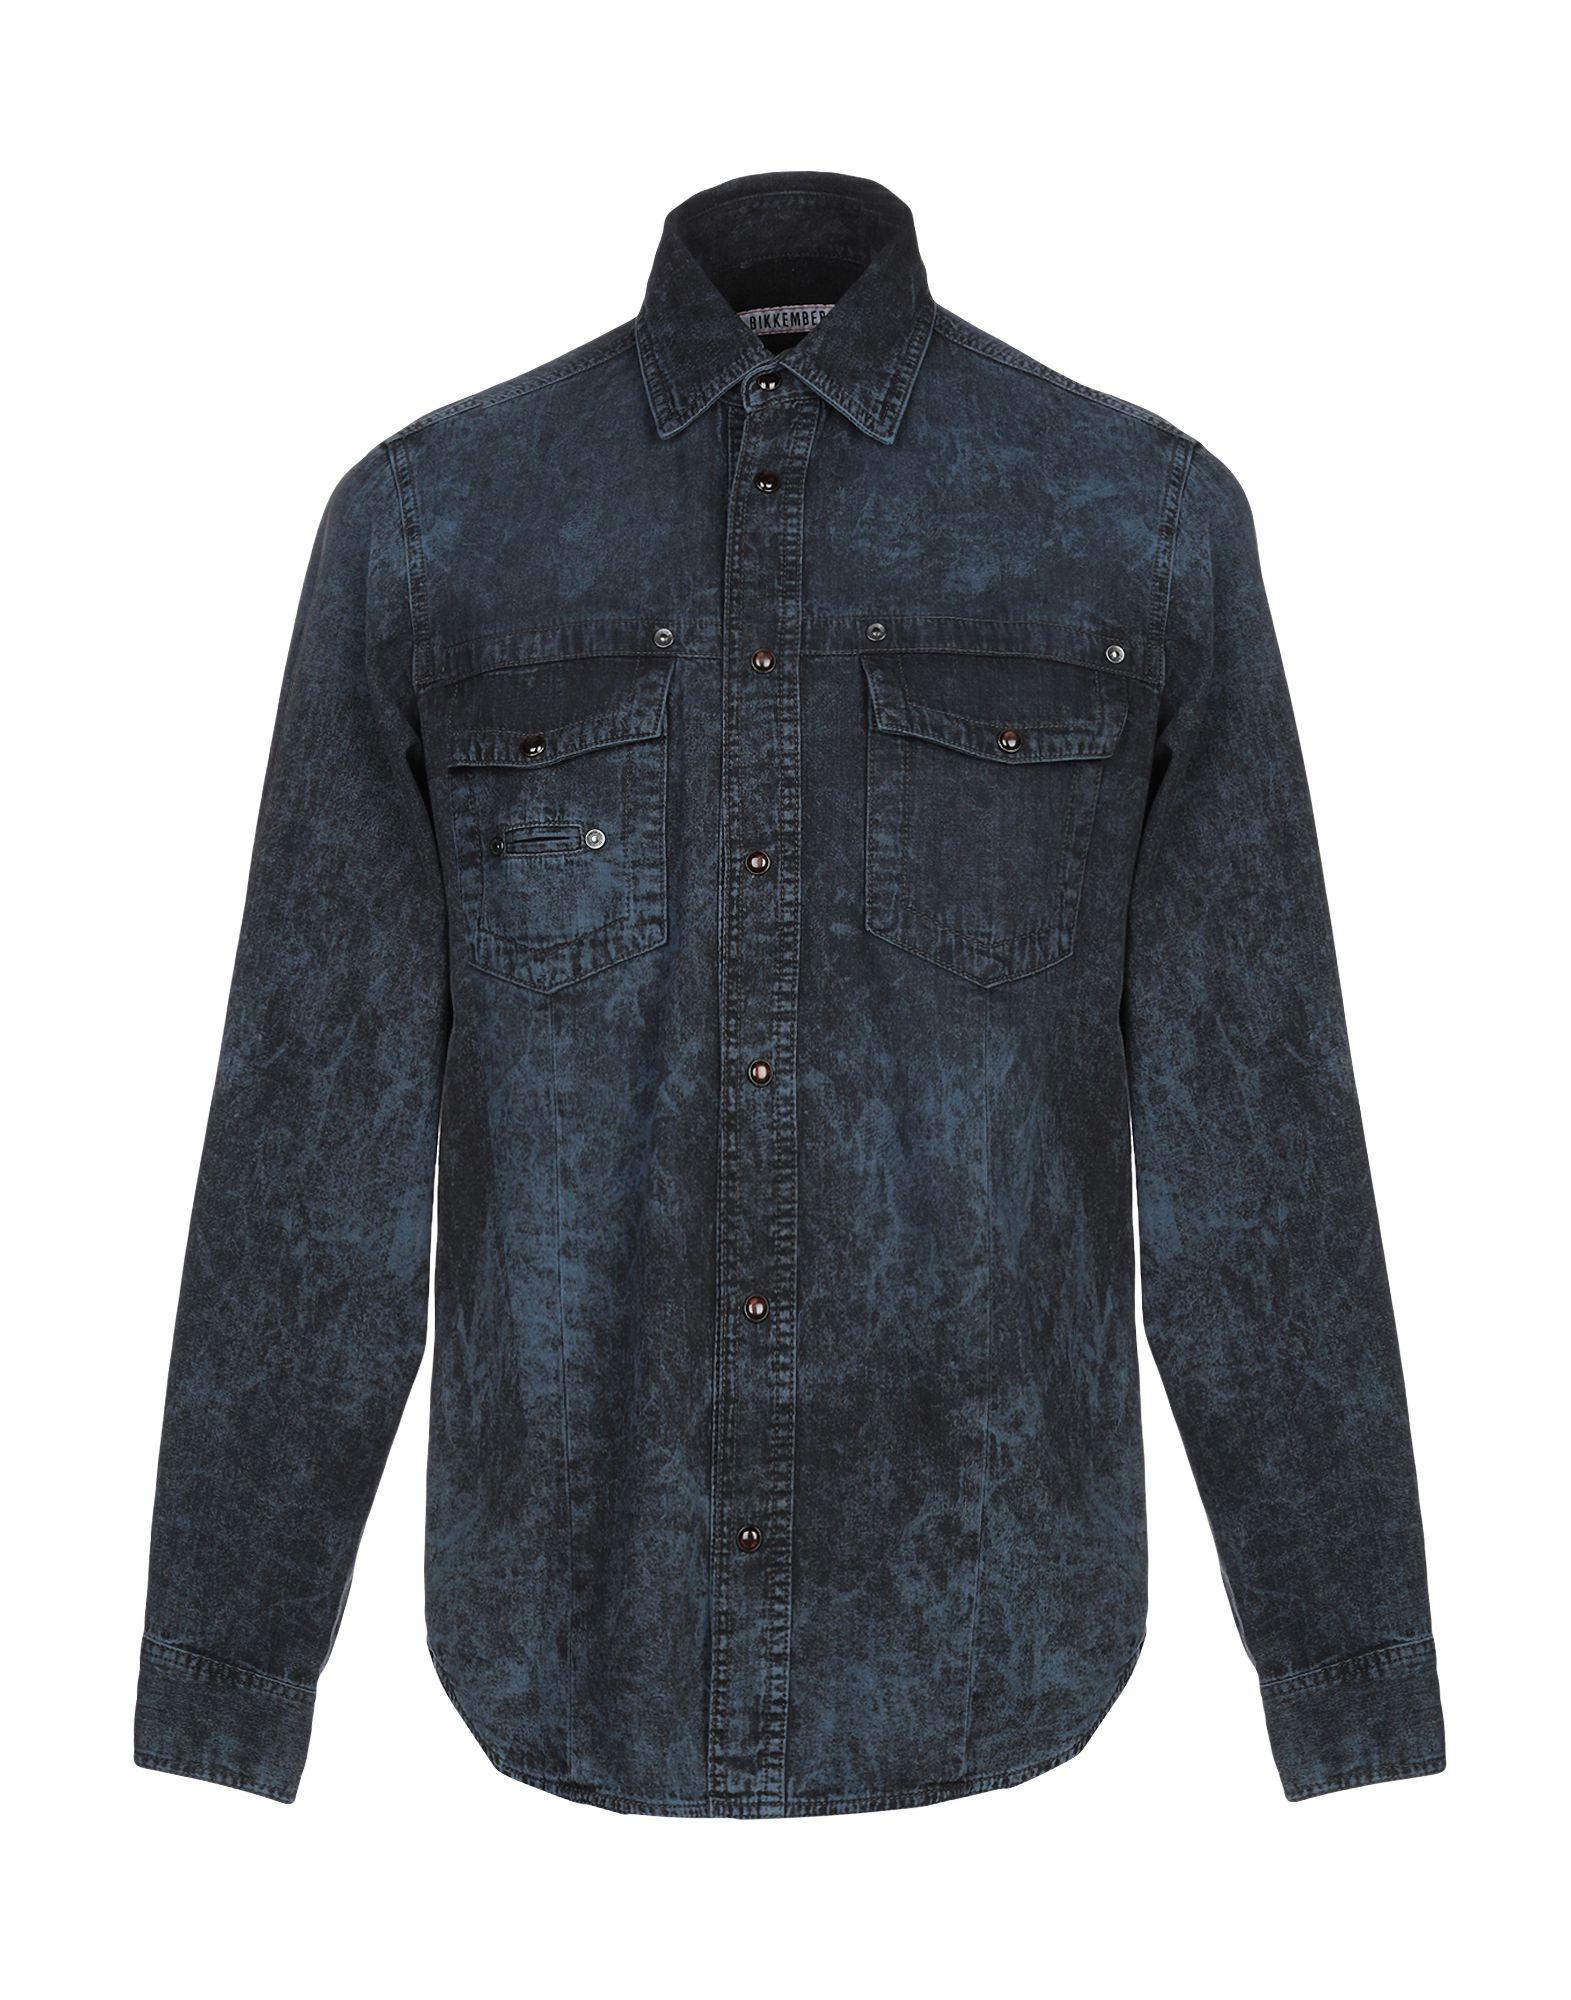 BIKKEMBERGS Джинсовая рубашка рубашка bikkembergs